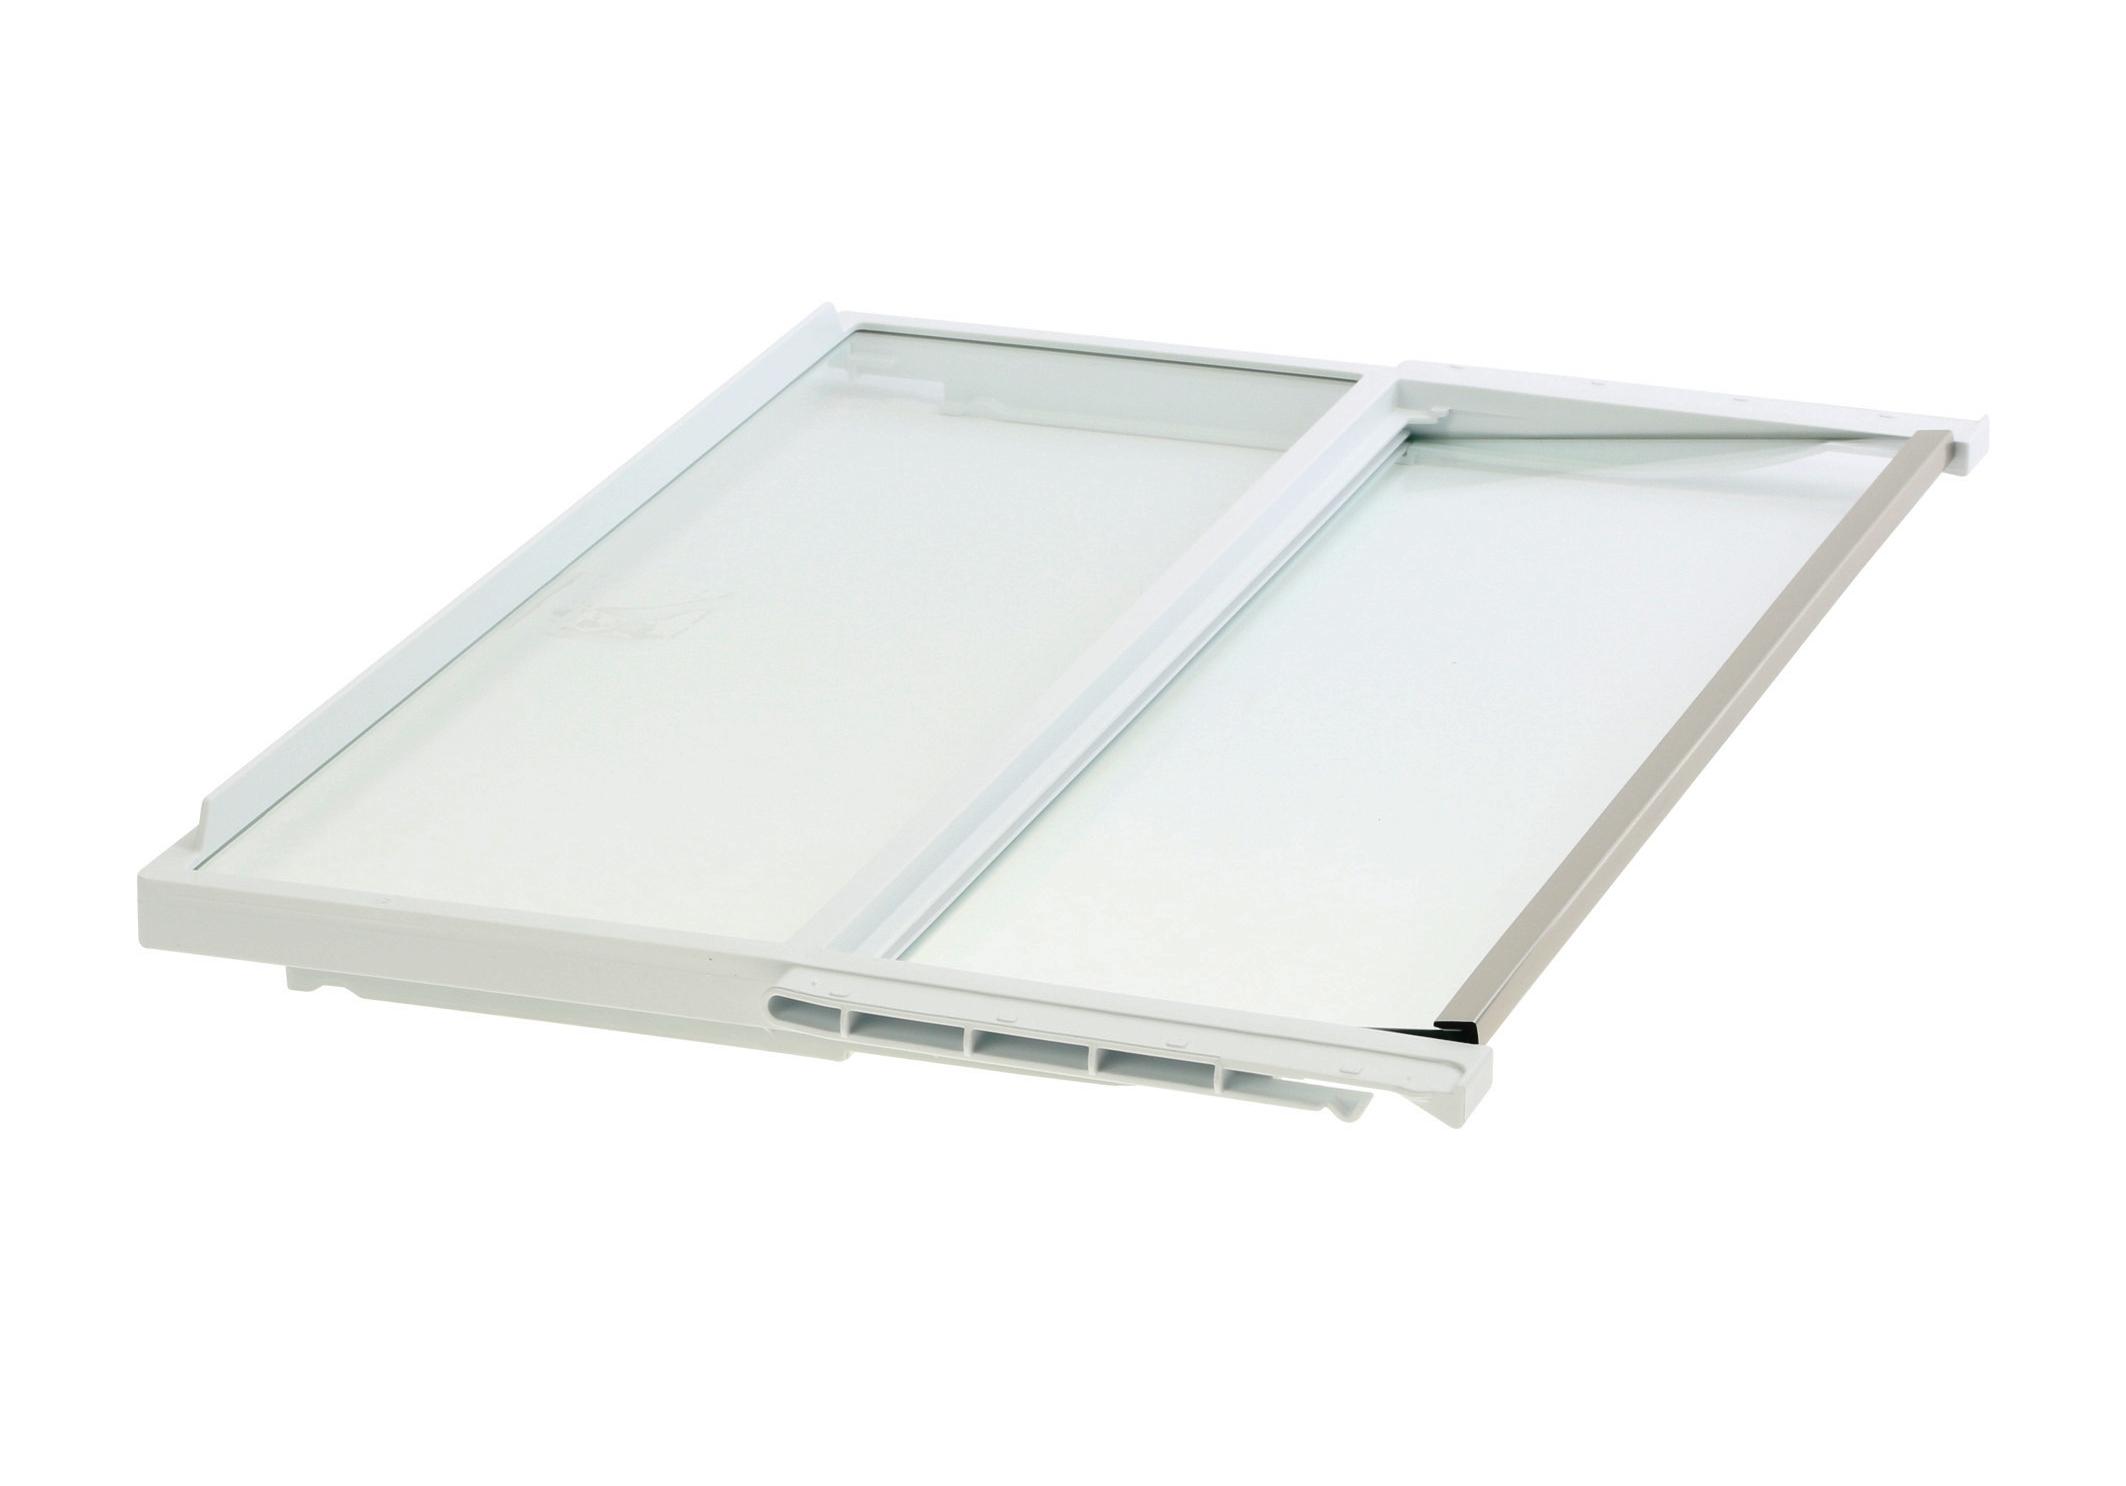 Siemens Kühlschrank Ersatzteile Glasplatte : Siemens glasplatte für kühlschränke bsh ebay